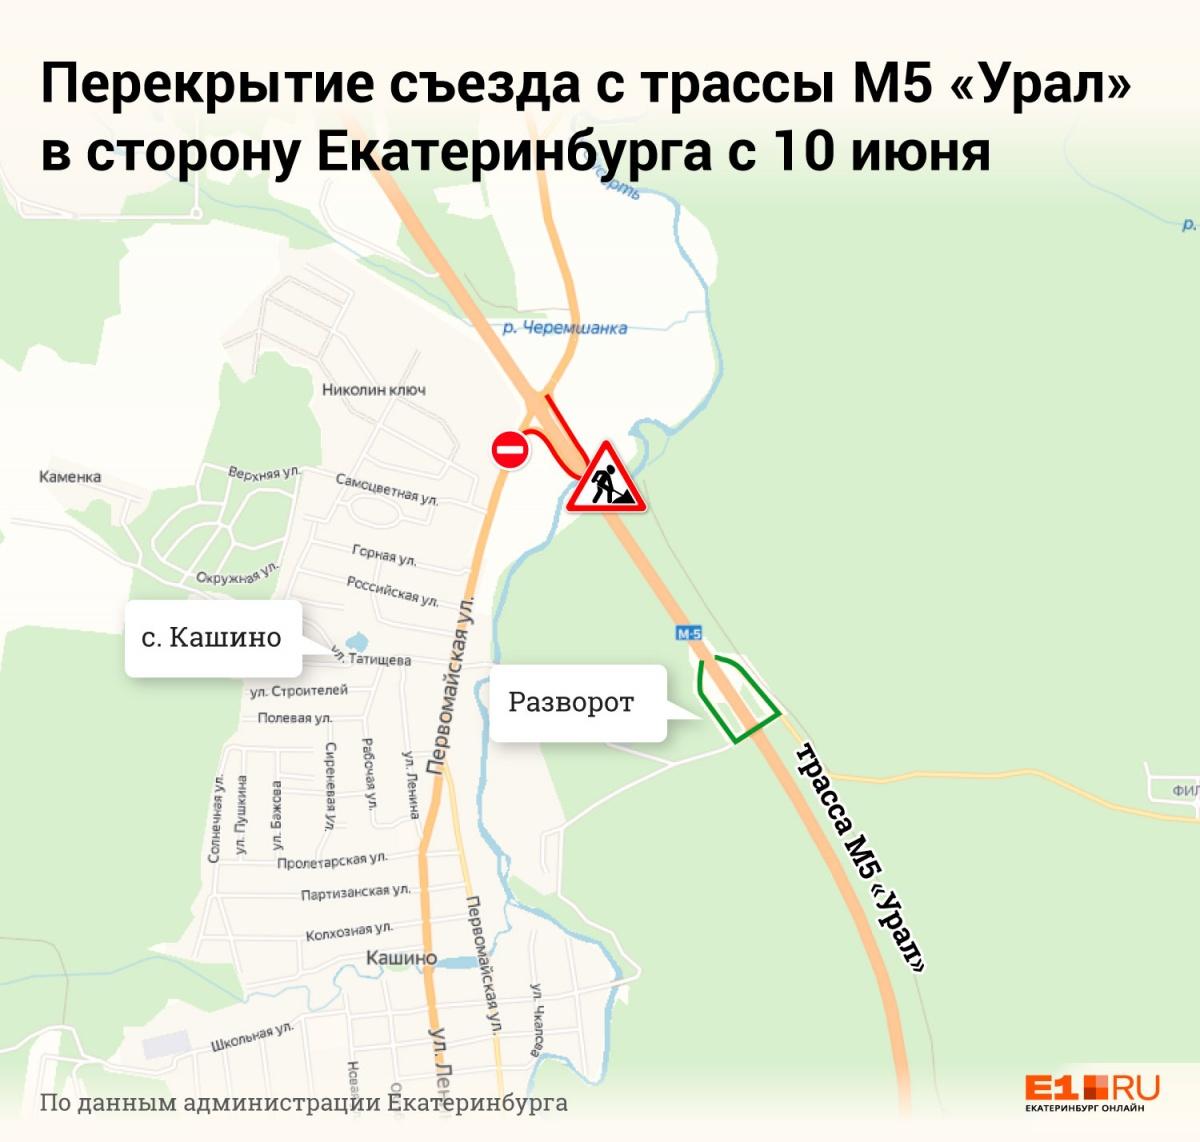 На трассе под Екатеринбургом закроют движение из-за ремонтных работ. Карта